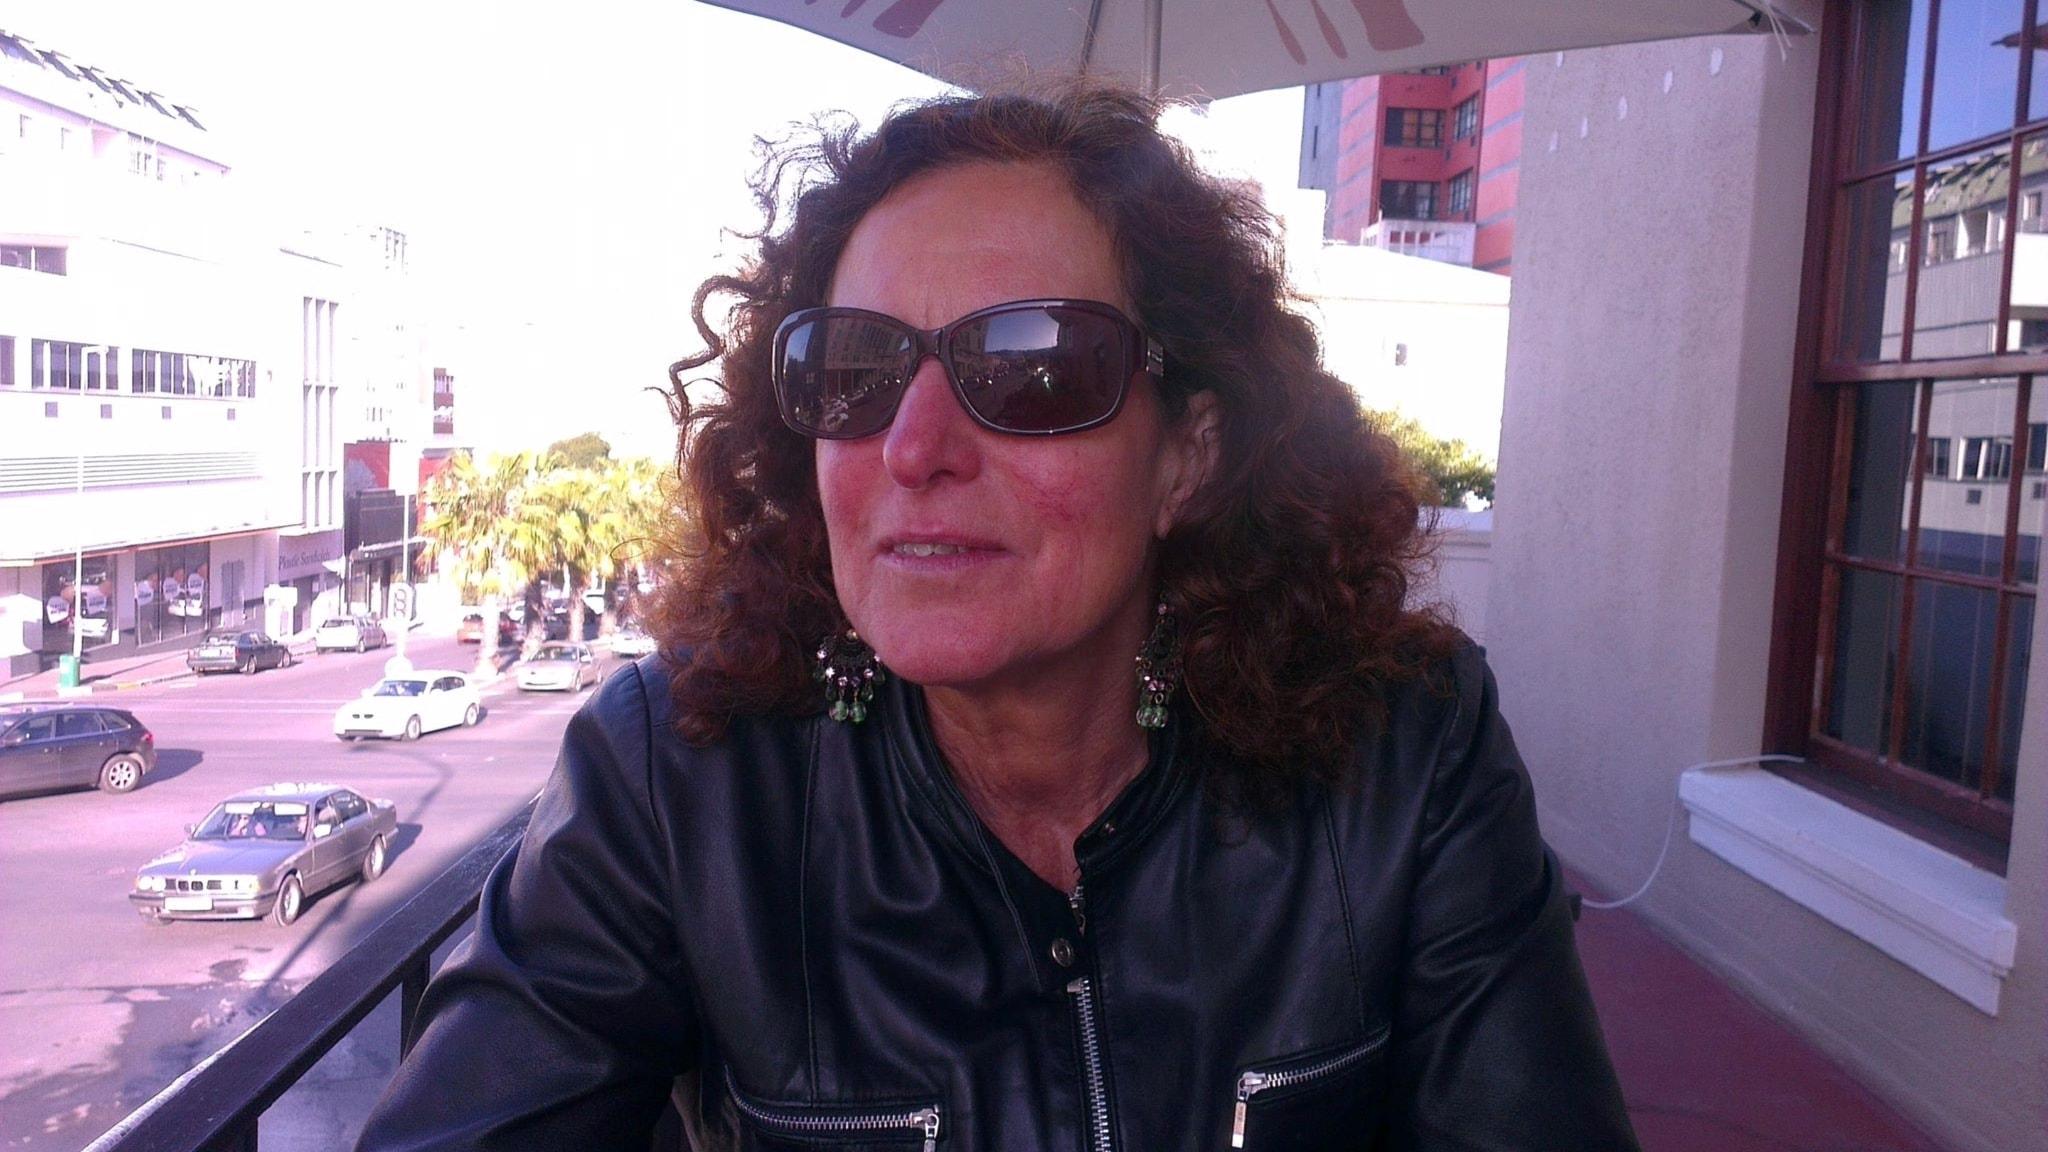 Denise Cresso startade Metoo-uppropet #Slutvillkorat, där kvinnor med funktionsnedsättning berättar om hot, våld och sextrakasserier. Denise Cresso med mörka glasögon på en balkong.